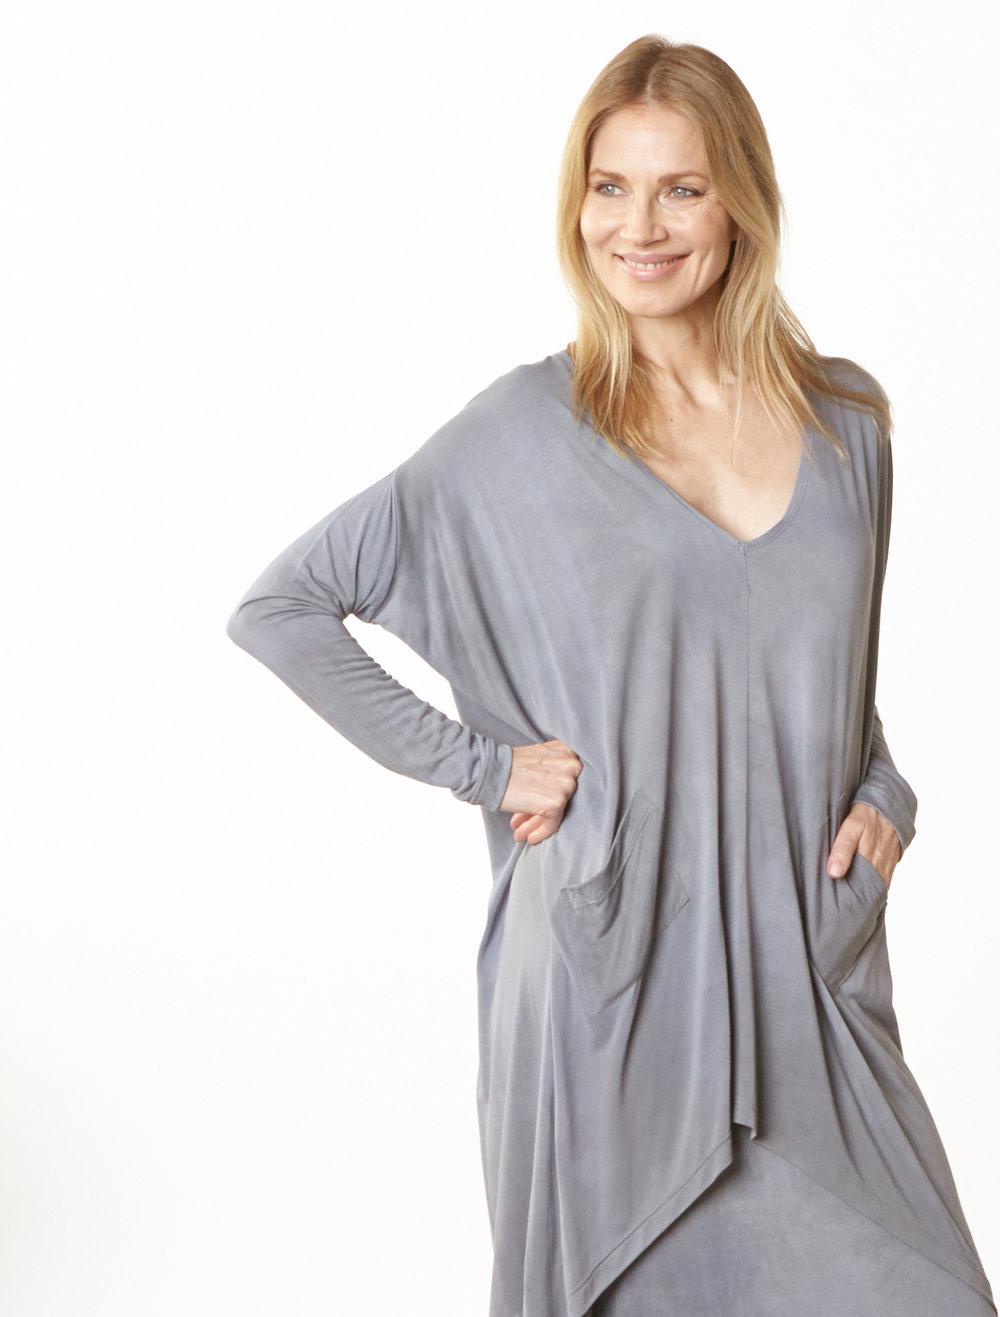 Alexis Tunic in Grey Italian Tie Dye Viscose Jersey